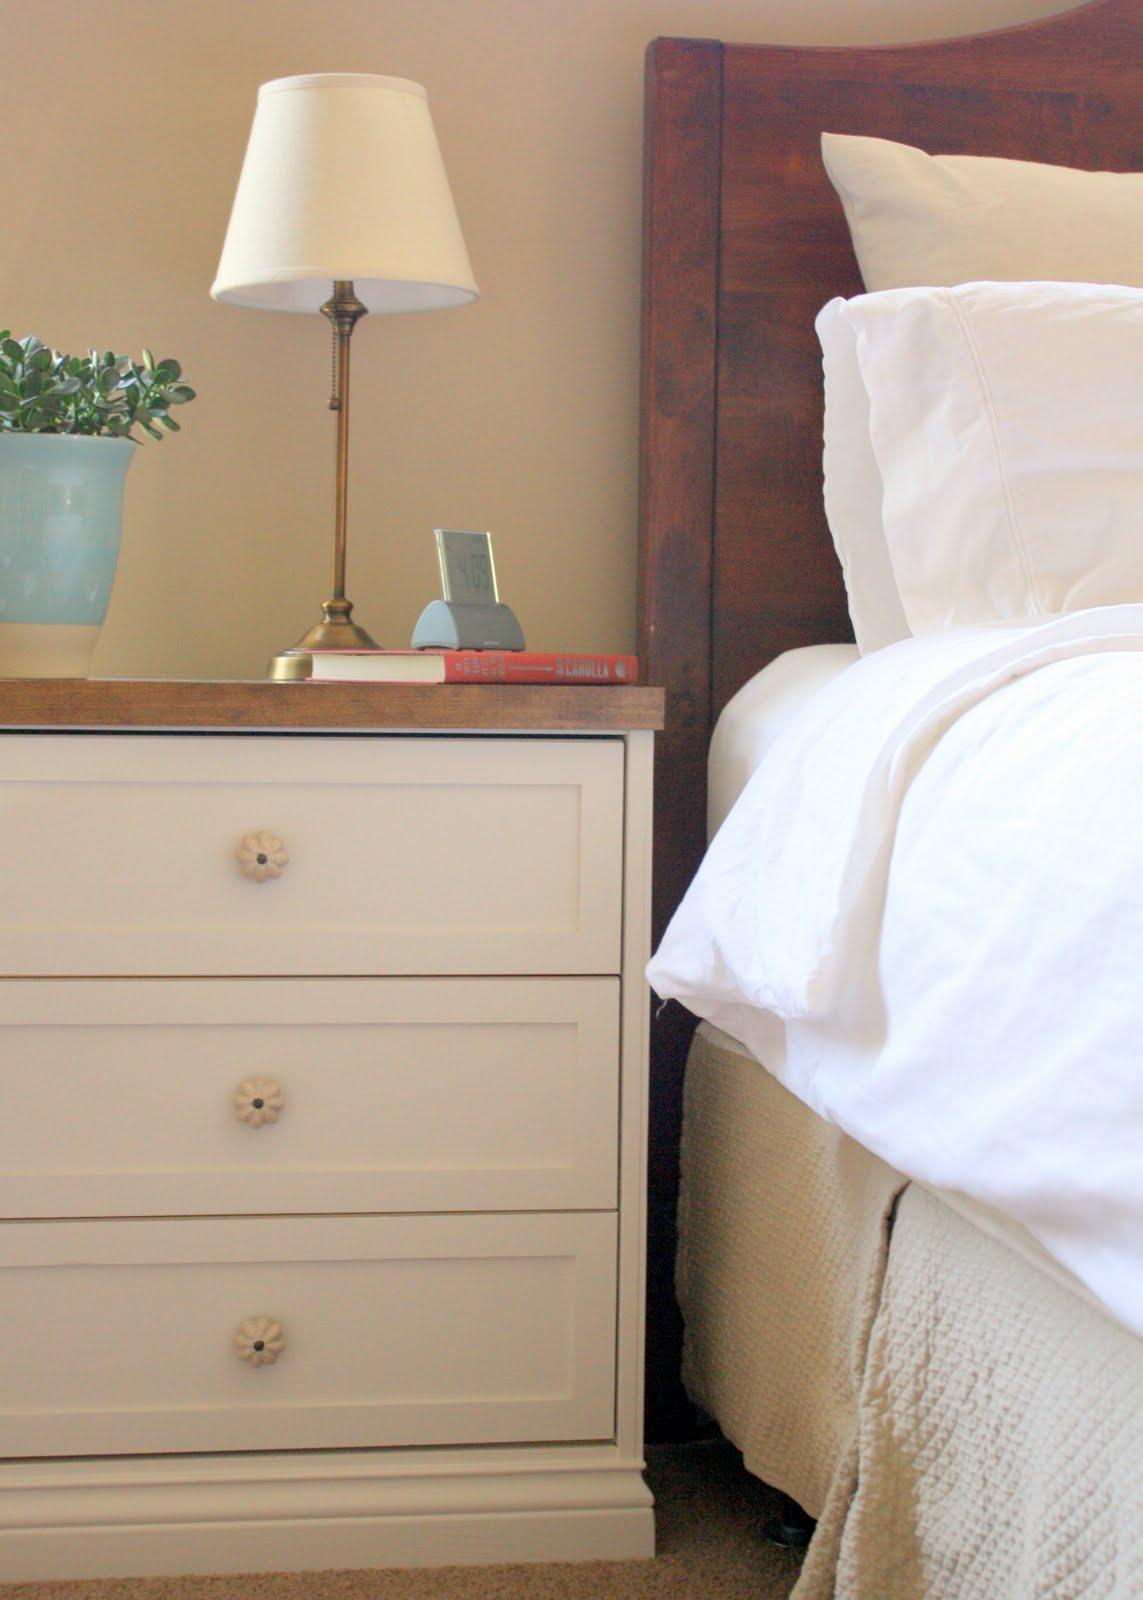 Bedside Tables A Rast Hack Get Home Decorating